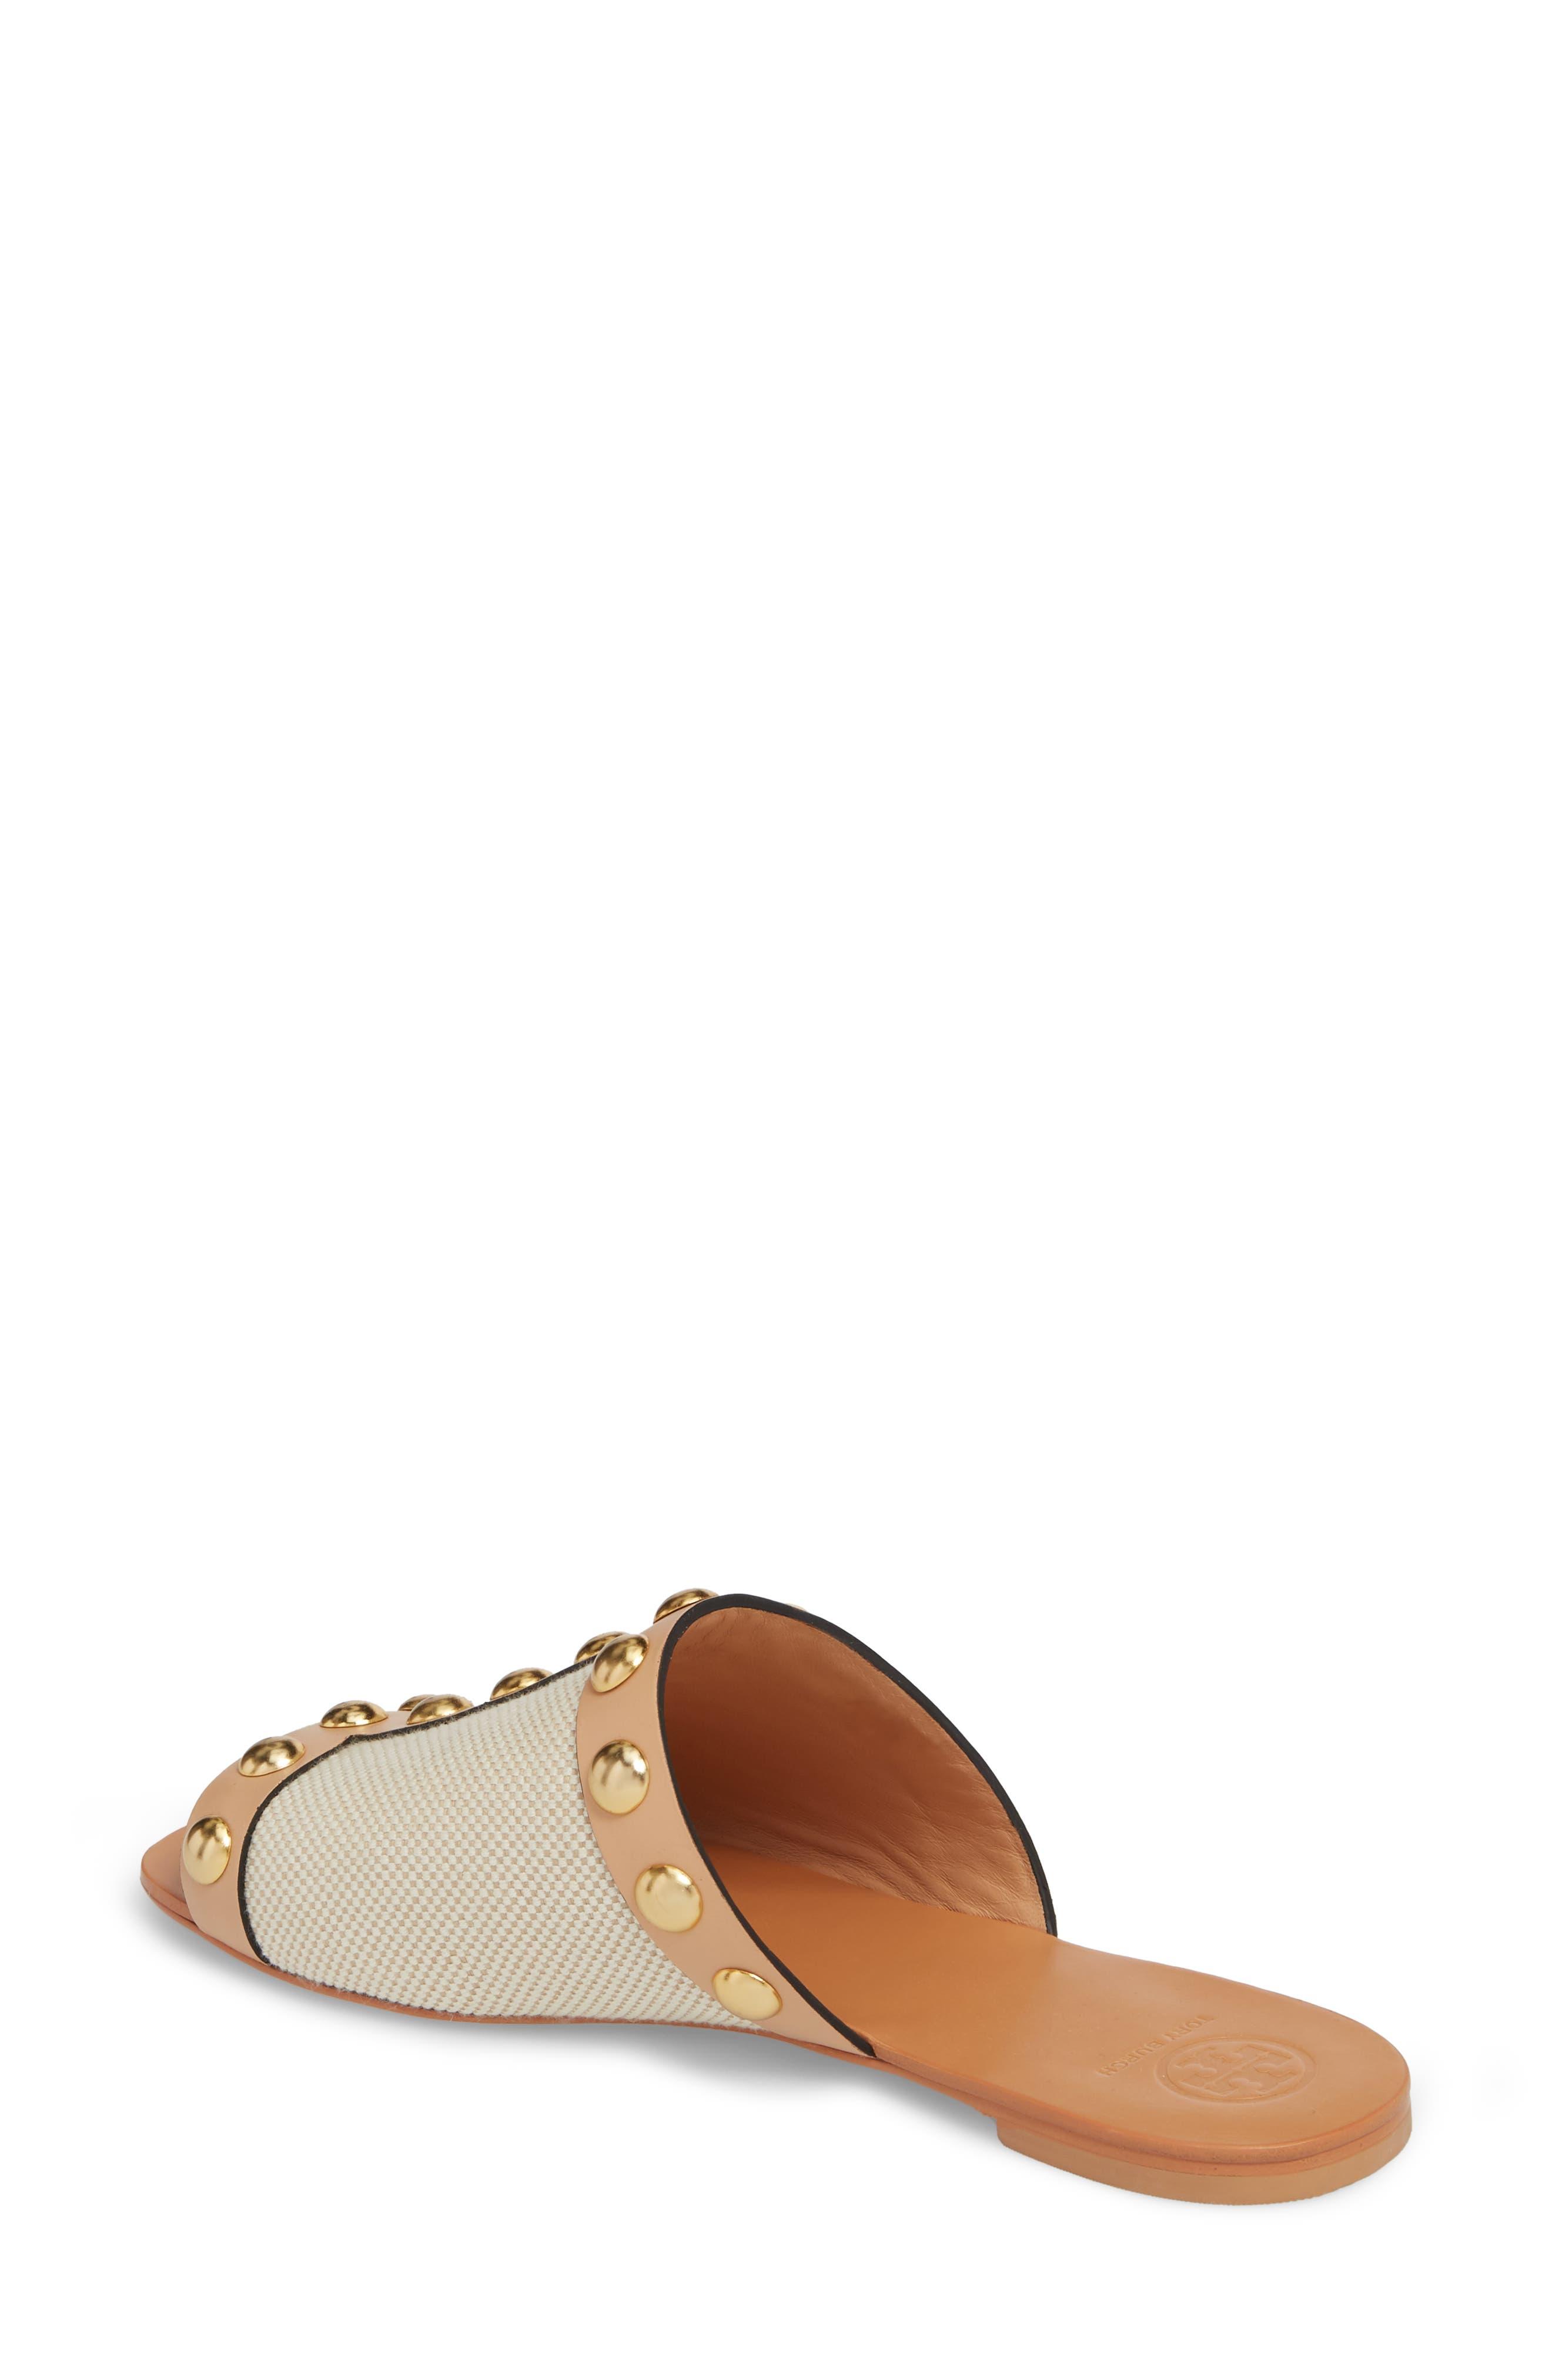 Blythe Slide Sandal,                             Alternate thumbnail 2, color,                             Sand/ Natural Vachetta